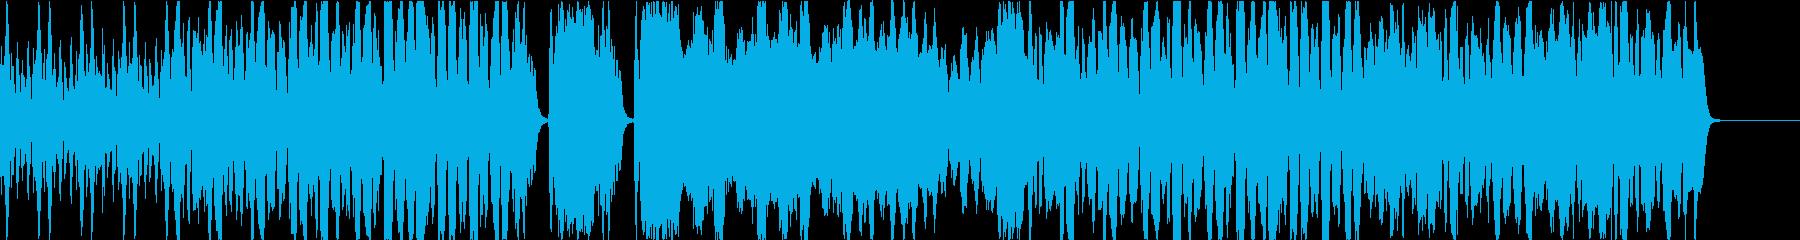 弦楽四重奏の軽快でコミカルなBGMの再生済みの波形